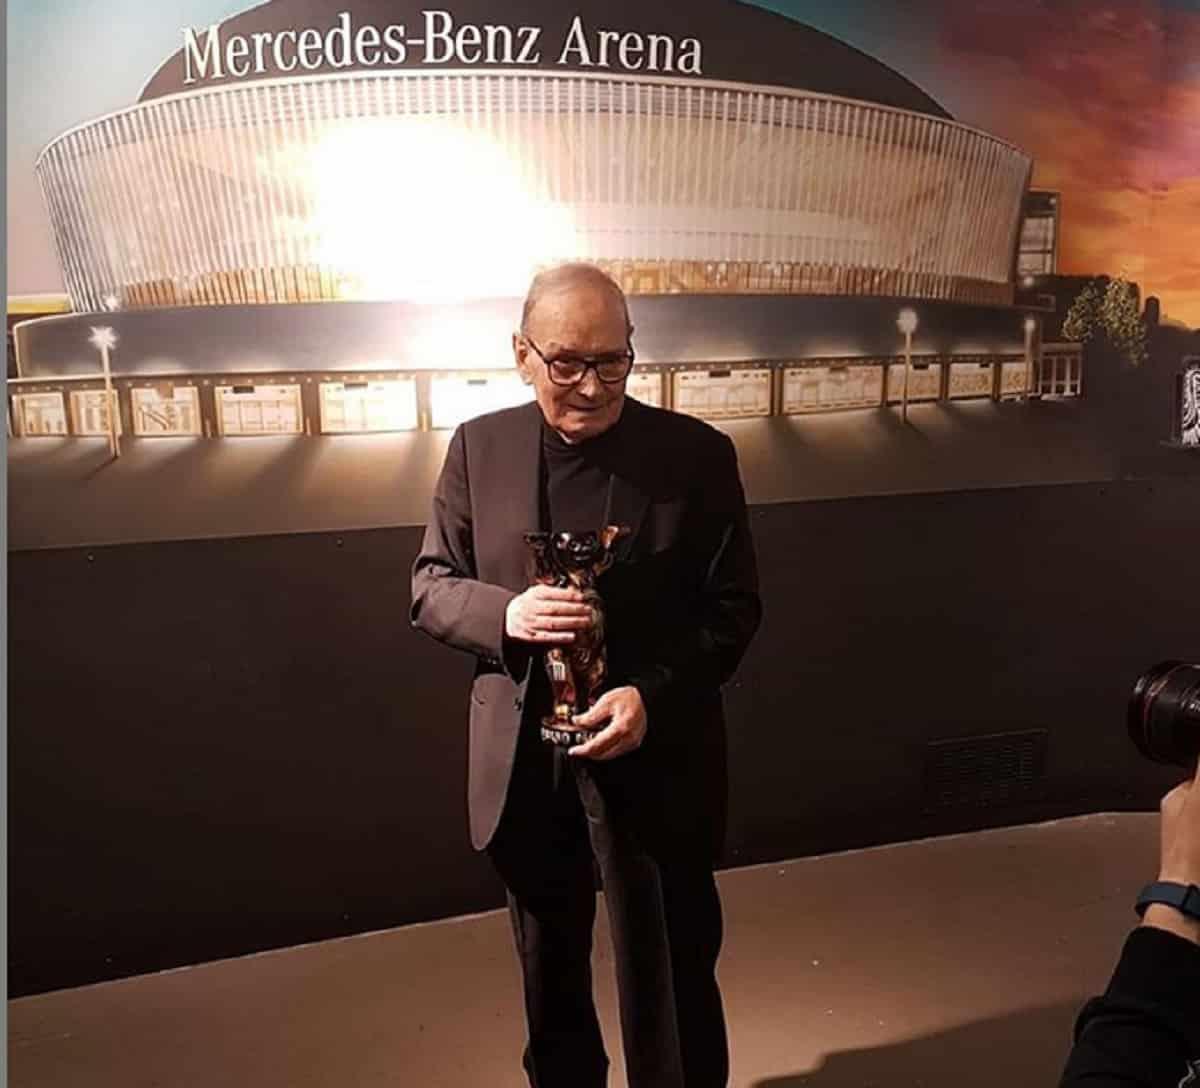 Addio a Ennio Morricone | Il maestro aveva 91 anni | Video